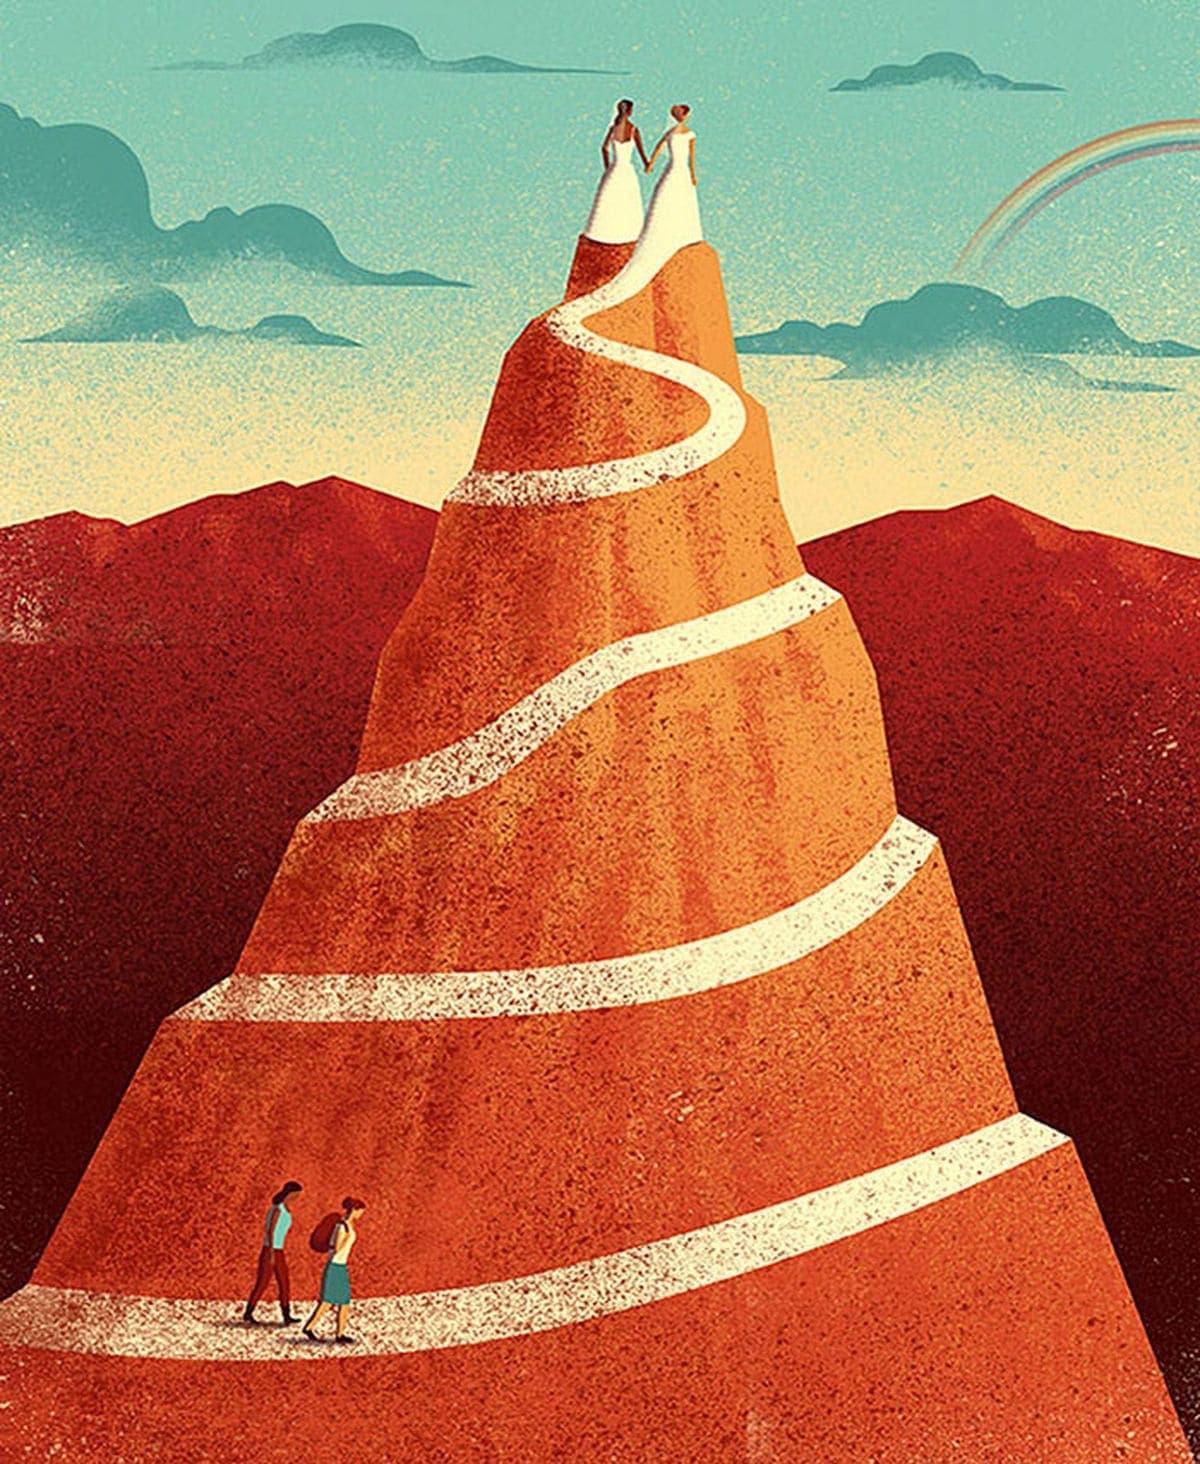 Tolle Illustrationen von Davide Bonazzi, bei denen man zwei Mal hinschauen sollte | Design/Kunst | Was is hier eigentlich los?